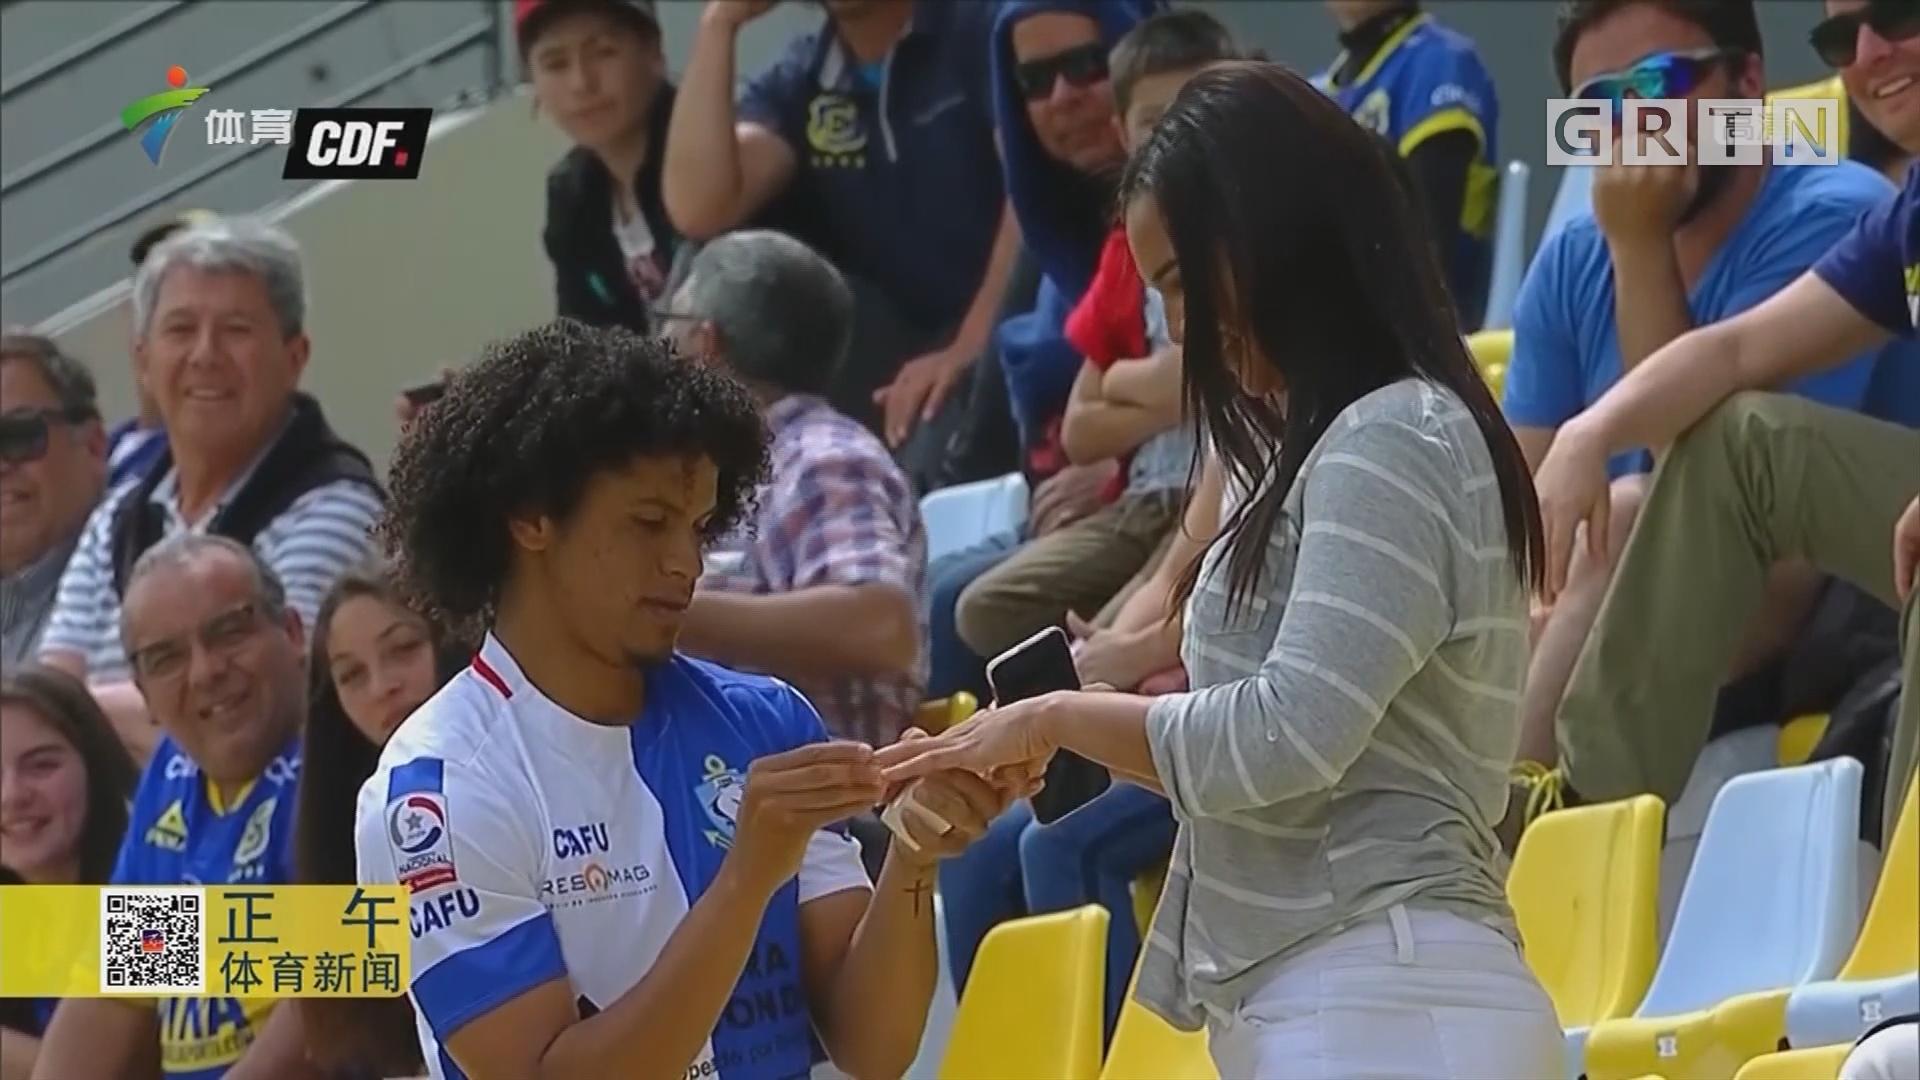 智利甲级联赛 球员向女友求婚庆祝进球